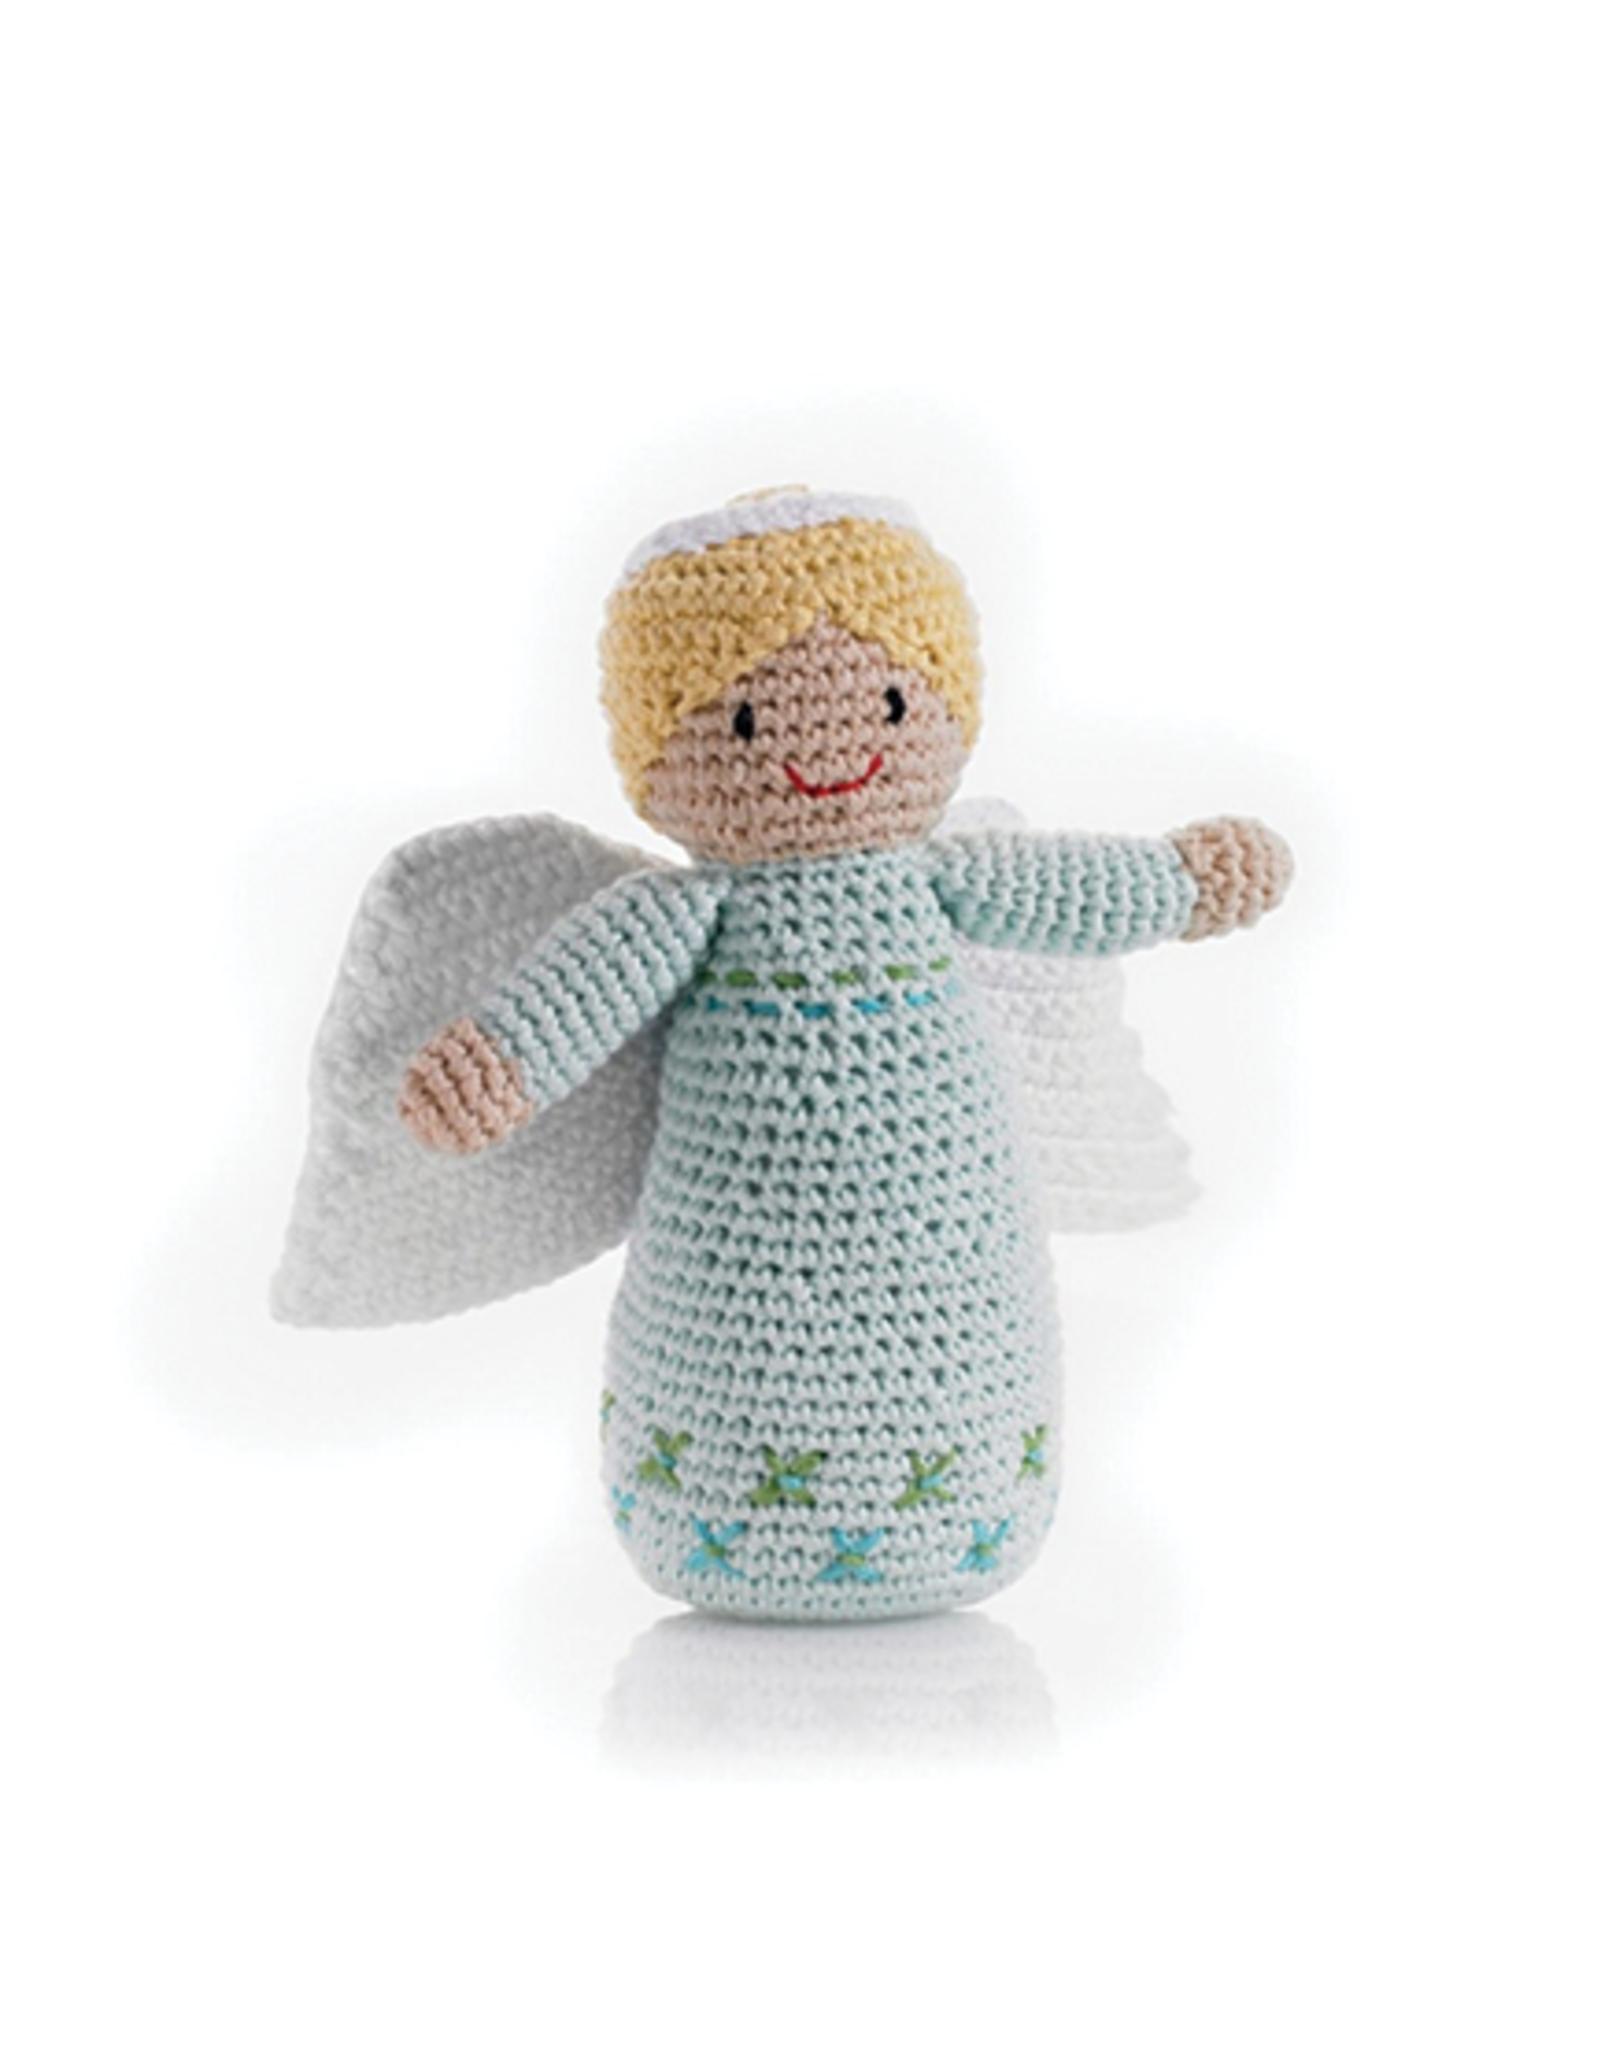 Pebble Angel Rattle - Turquoise